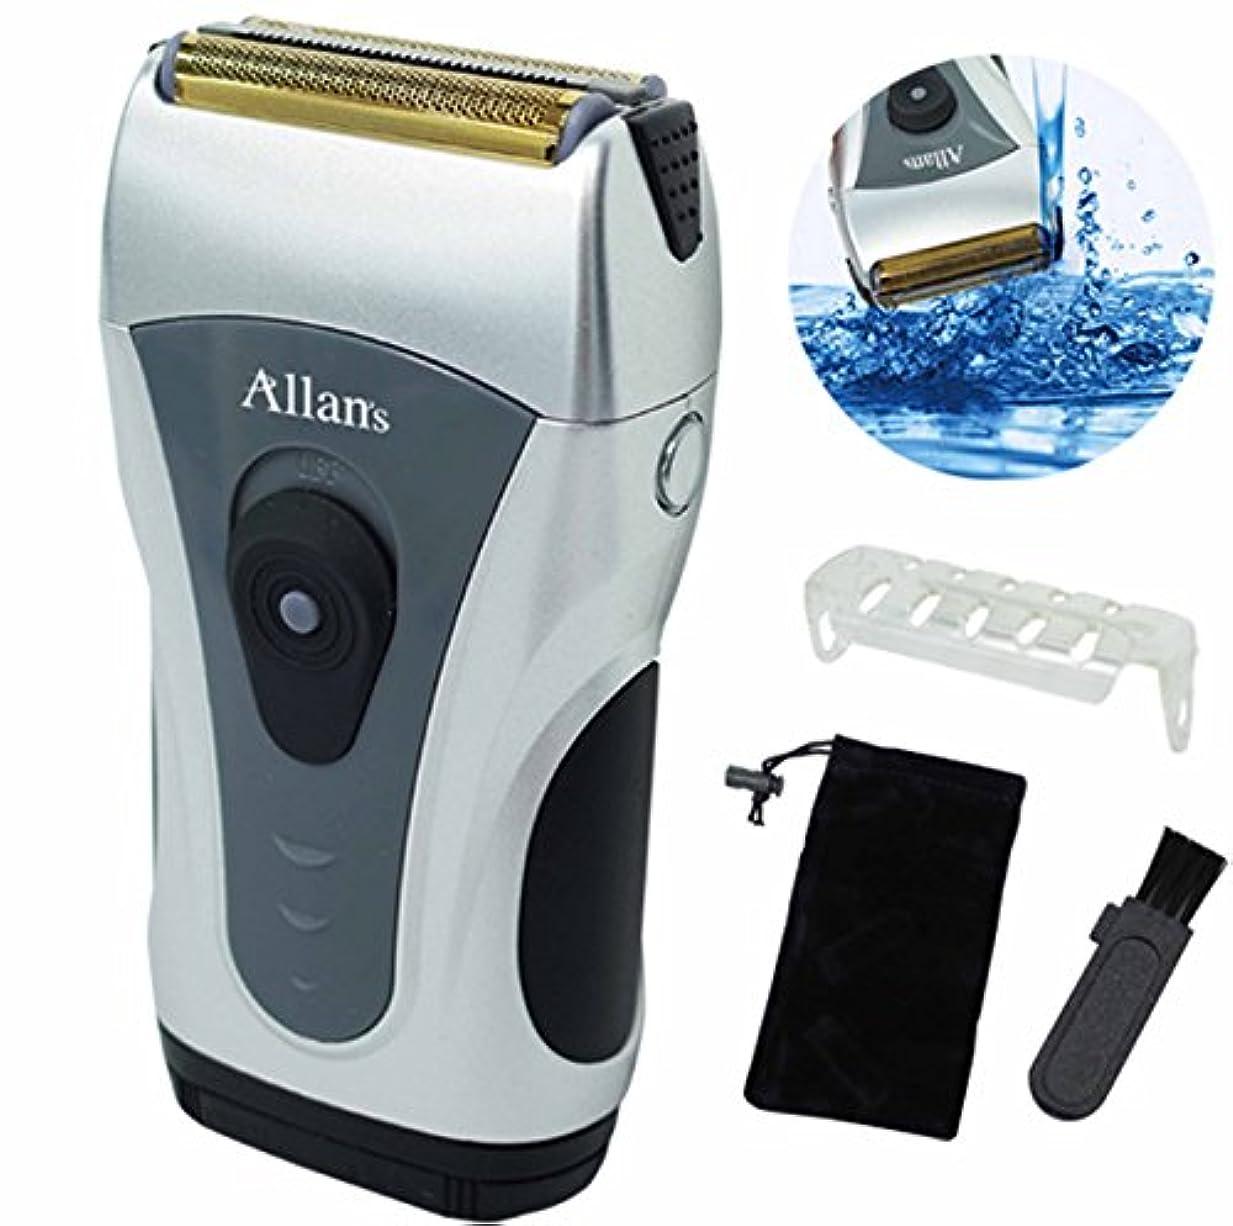 しないでくださいについて極貧Allans 携帯 電池 式 電動 髭剃り 水洗い ウォッシャブル メンズ シェーバー コンパクト MEBM-29